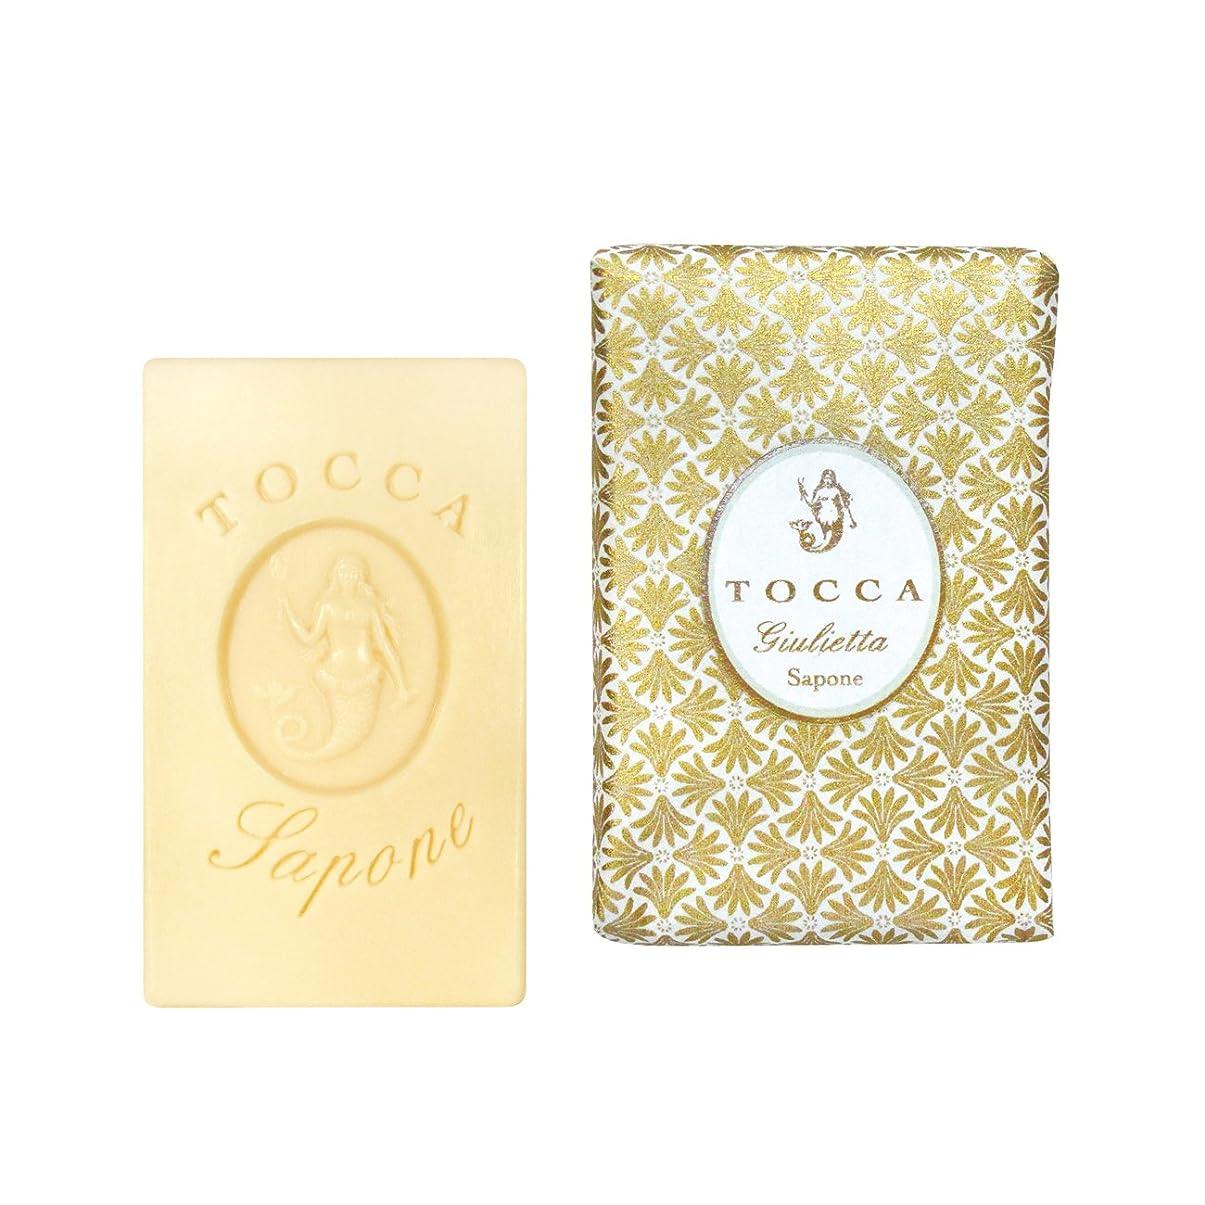 自動半導体不規則性トッカ(TOCCA) ソープバー ジュリエッタの香り 113g(化粧石けん ピンクチューリップとグリーンアップルの爽やかで甘い香り)